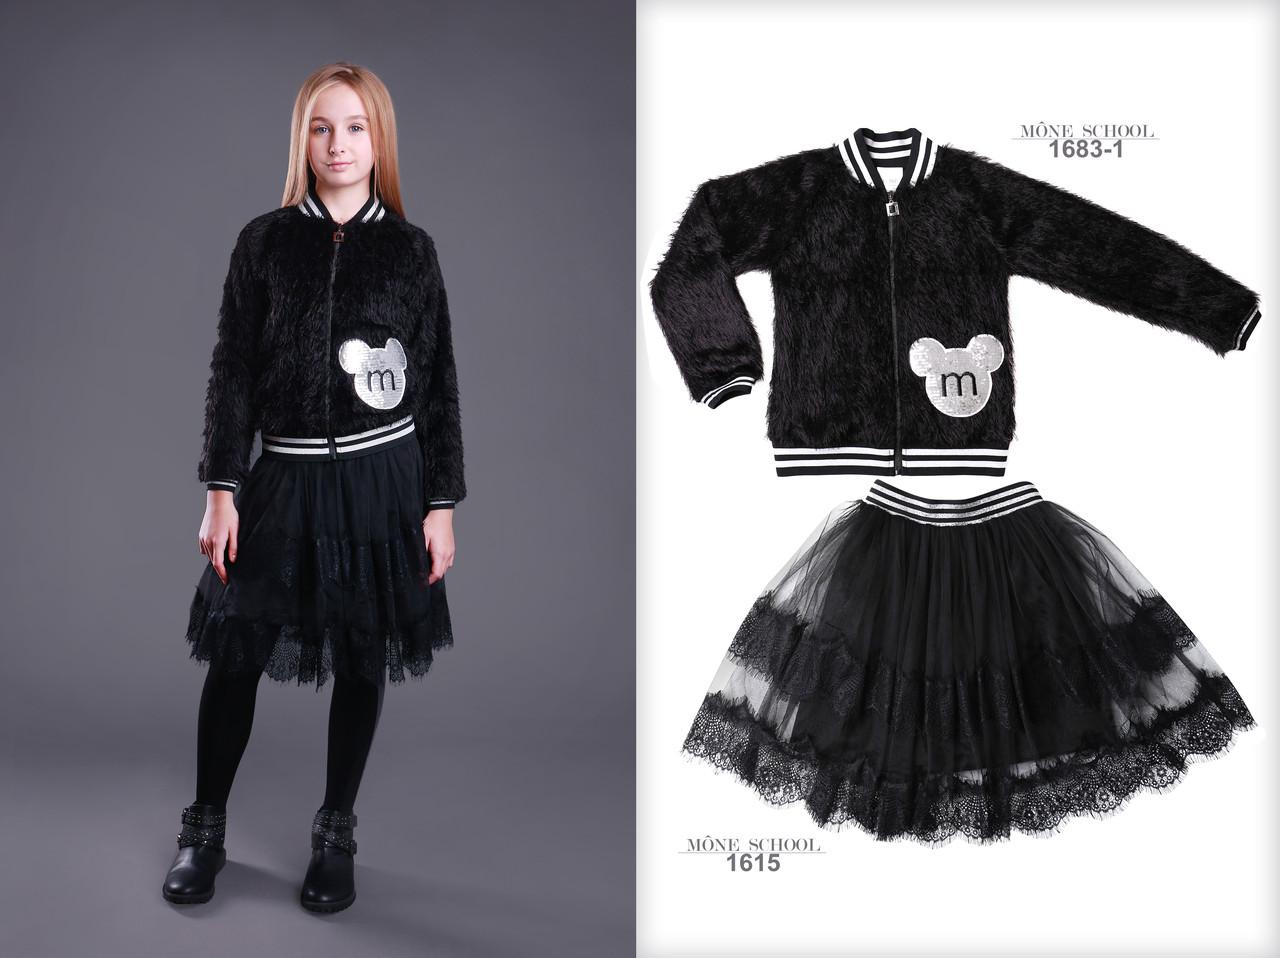 Детская куртка для девочки Верхняя одежда для девочек MONE Украина 1683-1 Черный 152, 1471,18